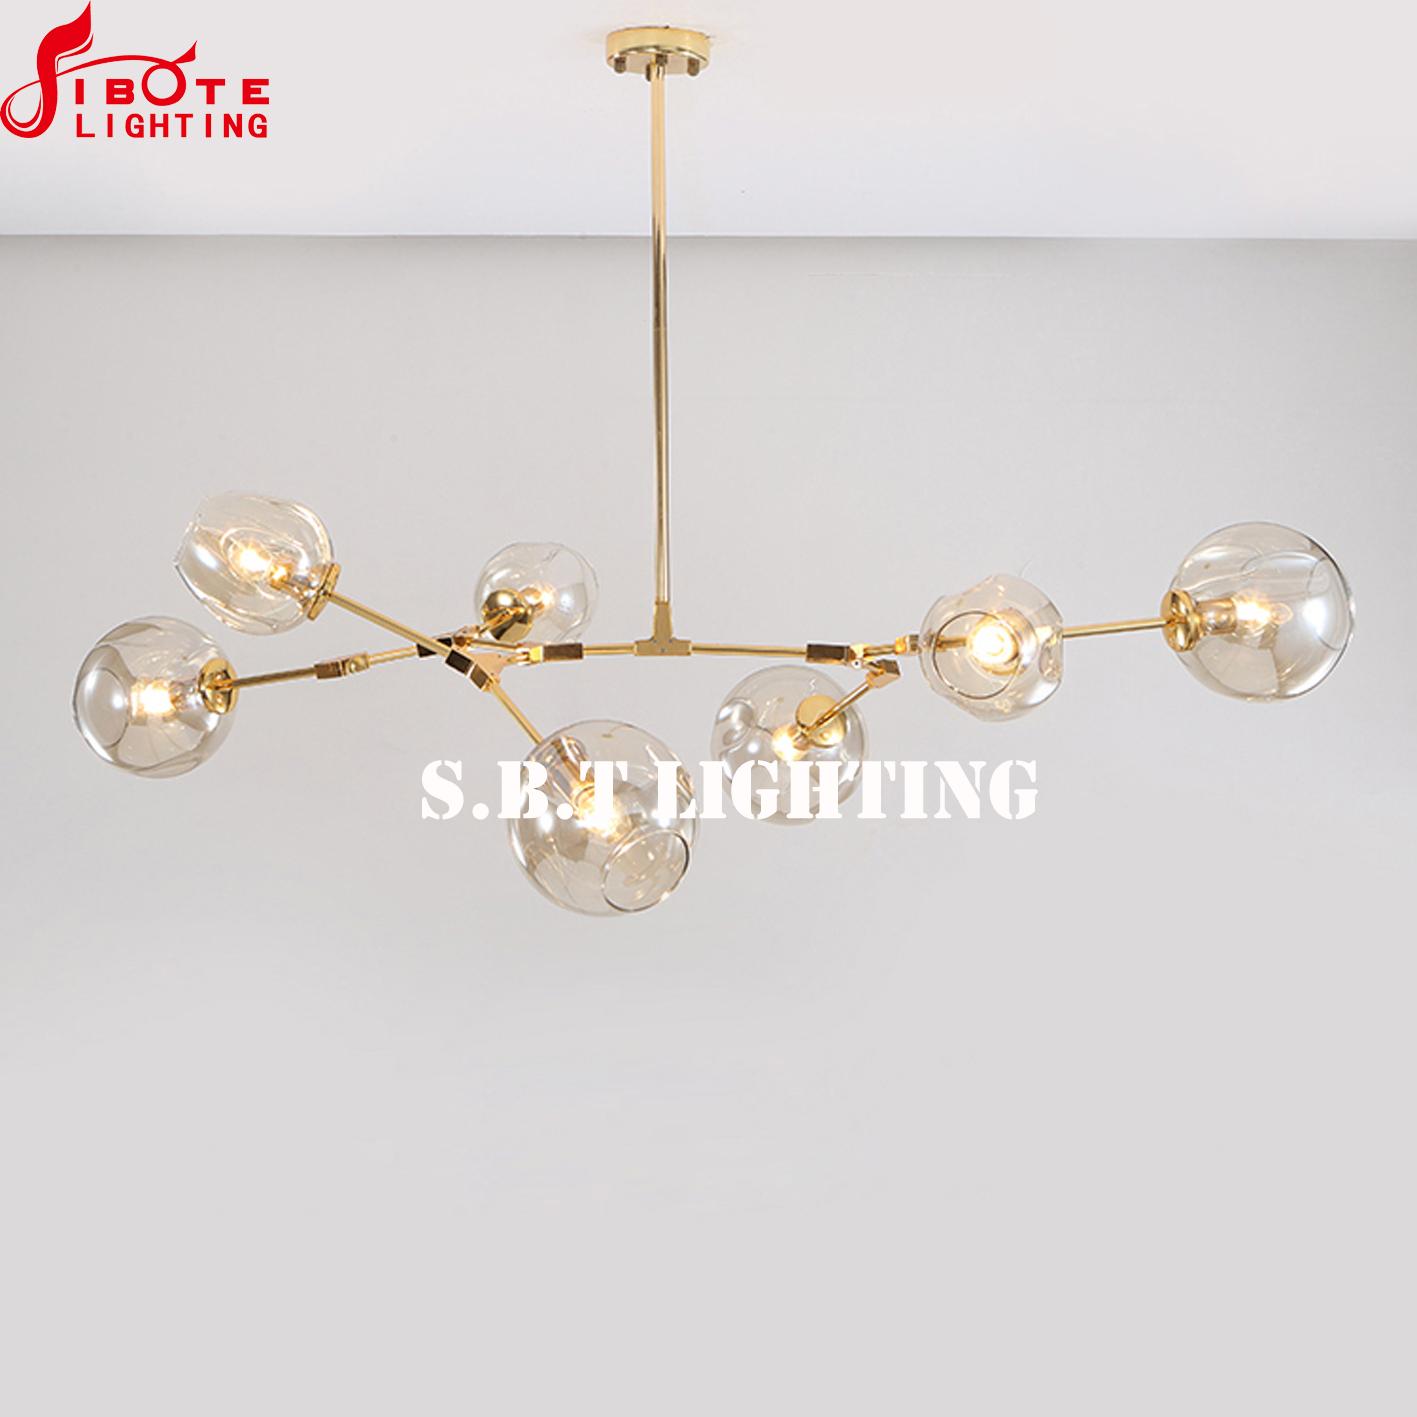 2018 Wohnzimmer Moderne Pendelleuchte Kronleuchter Licht Verwendet  Kronleuchter Beleuchtung - Buy Moderne Pendelleuchte,Kronleuchter  Licht,Verwendet ...